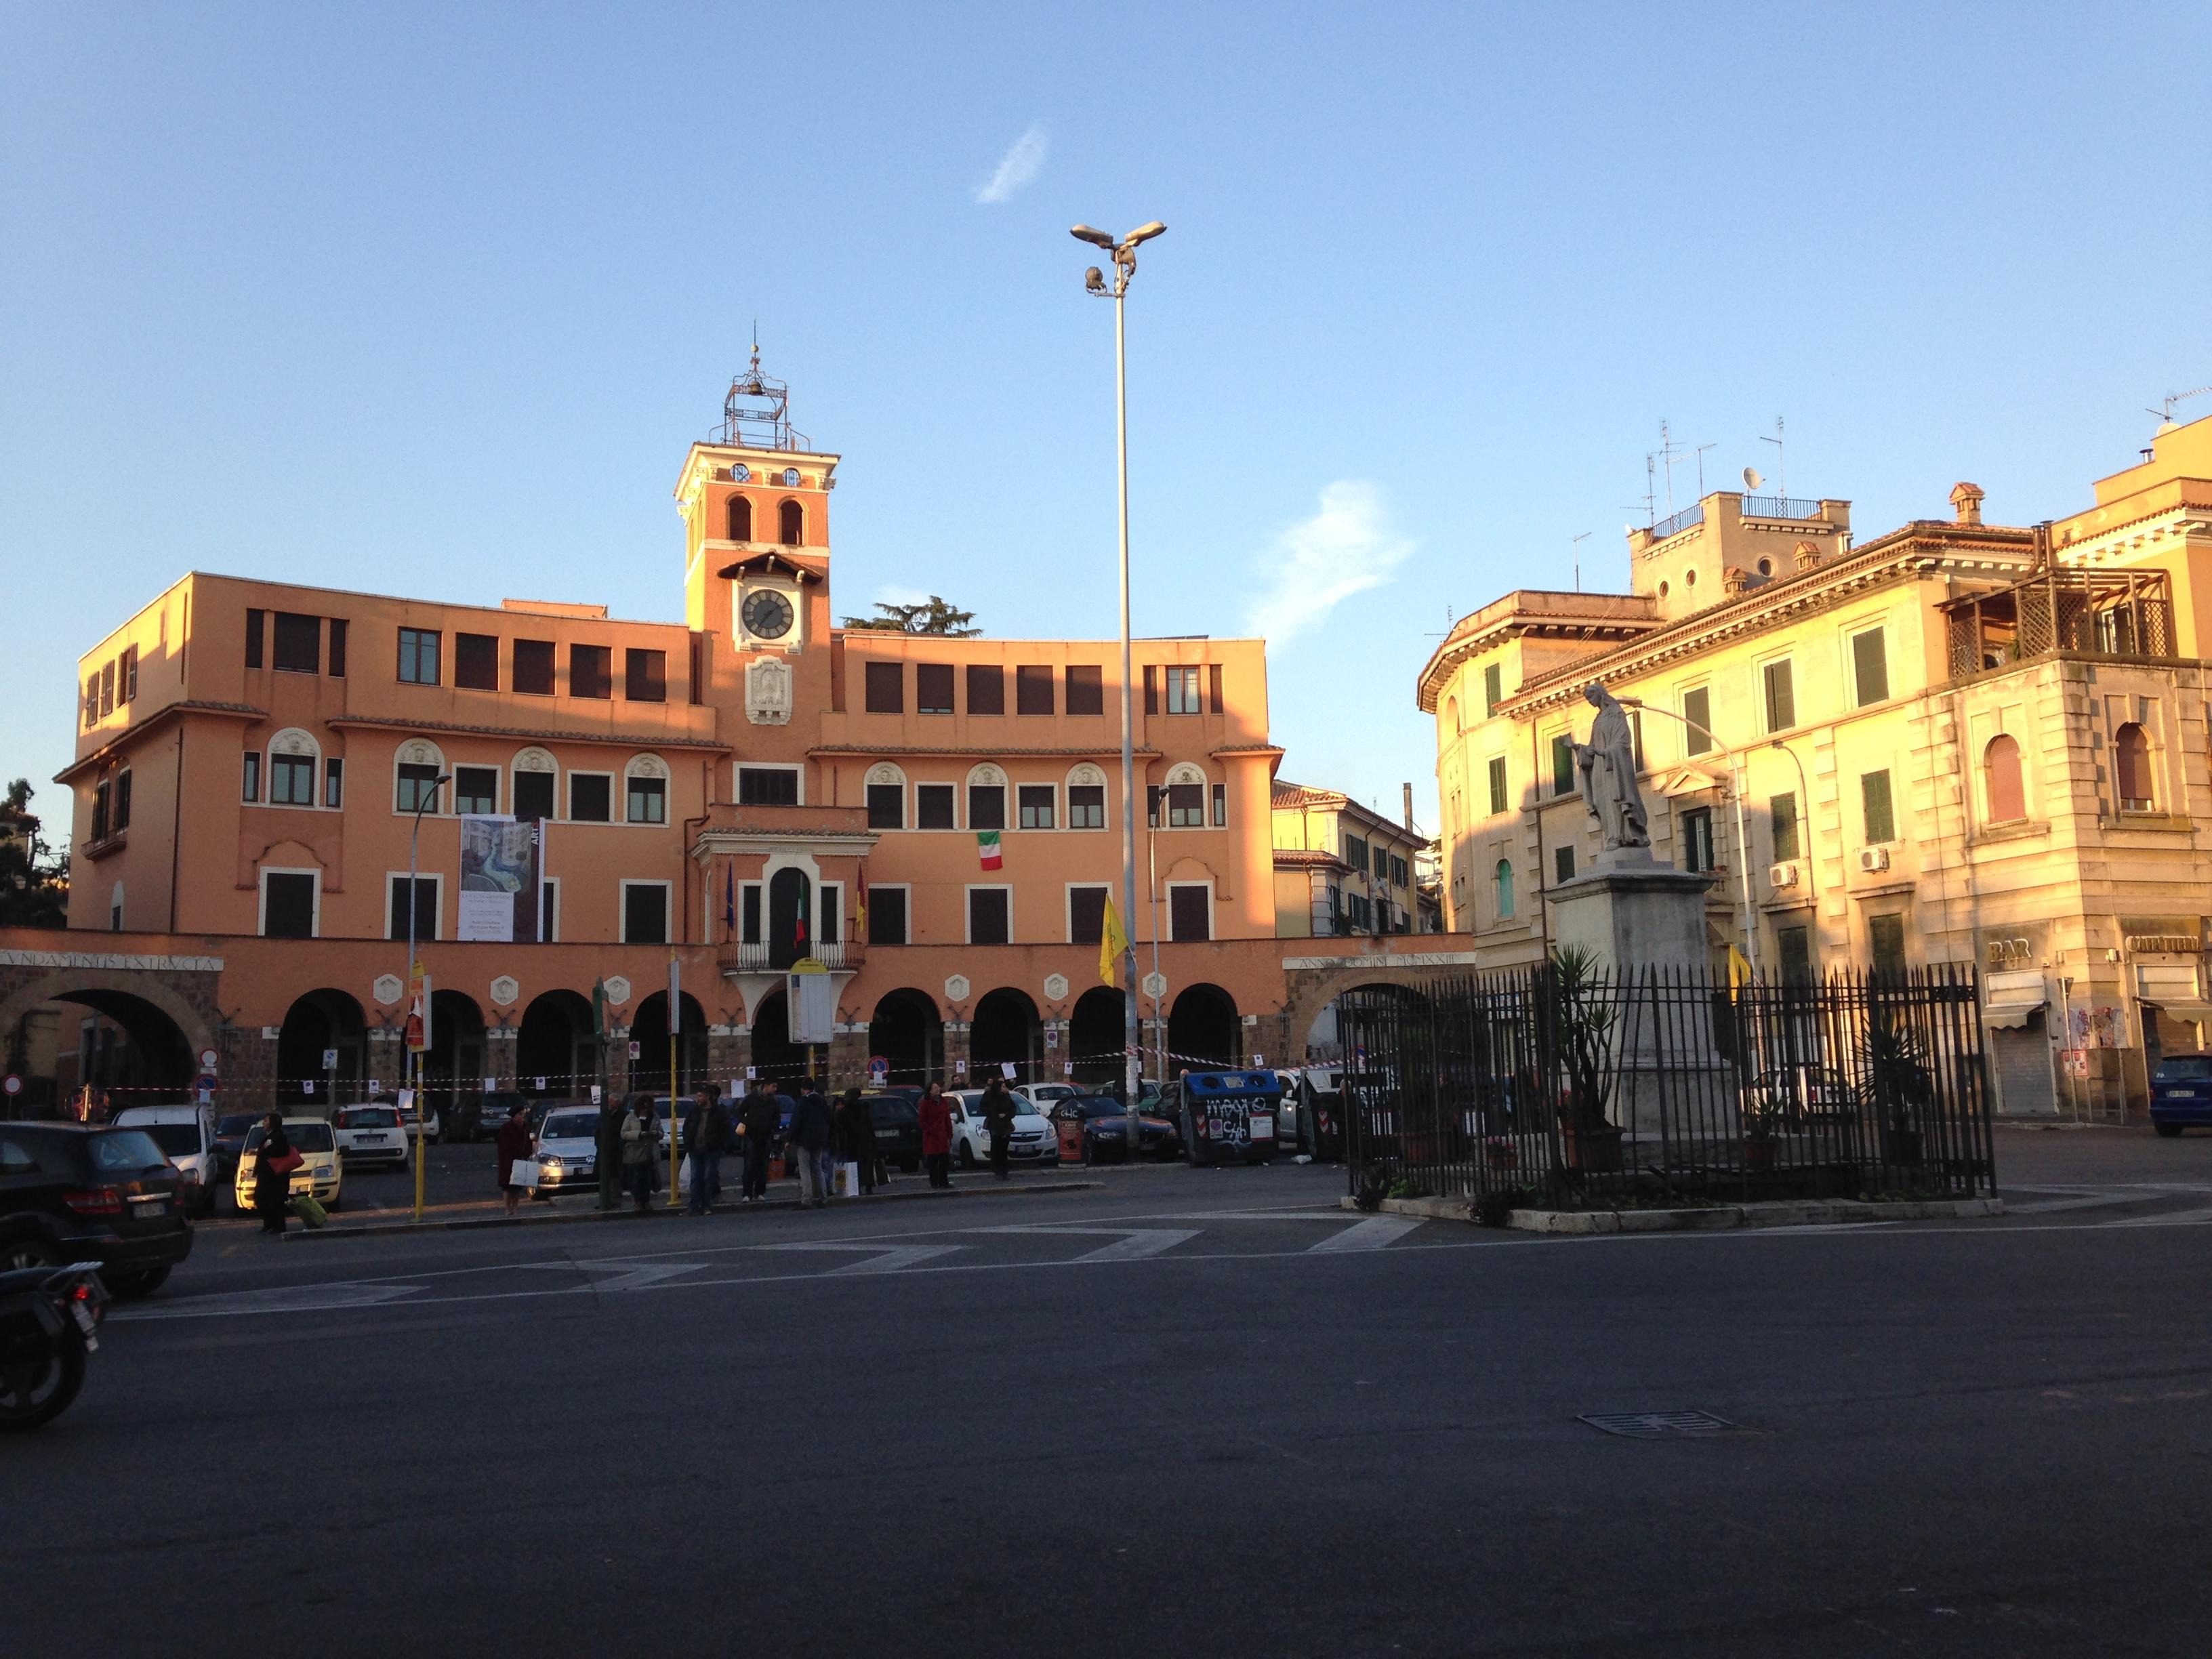 Bella Giardino In Citta #4: Piazza-sempione.jpg